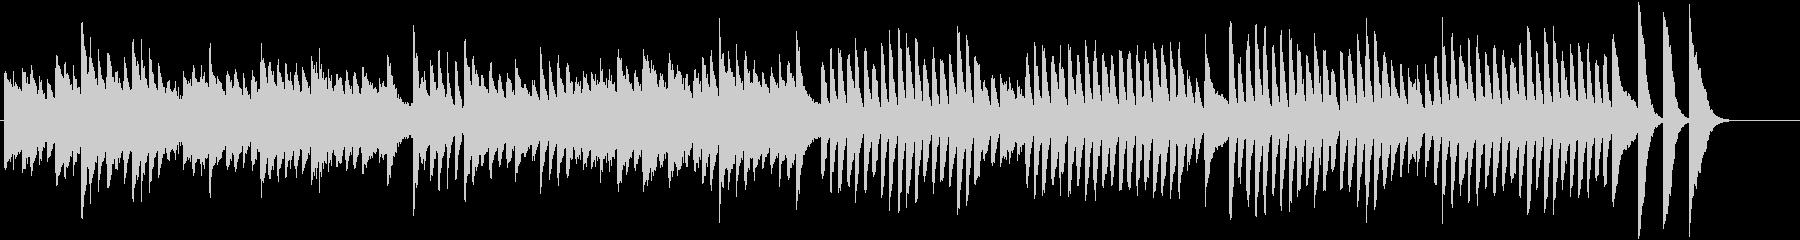 童謡・うれしいひなまつりピアノBGM④の未再生の波形